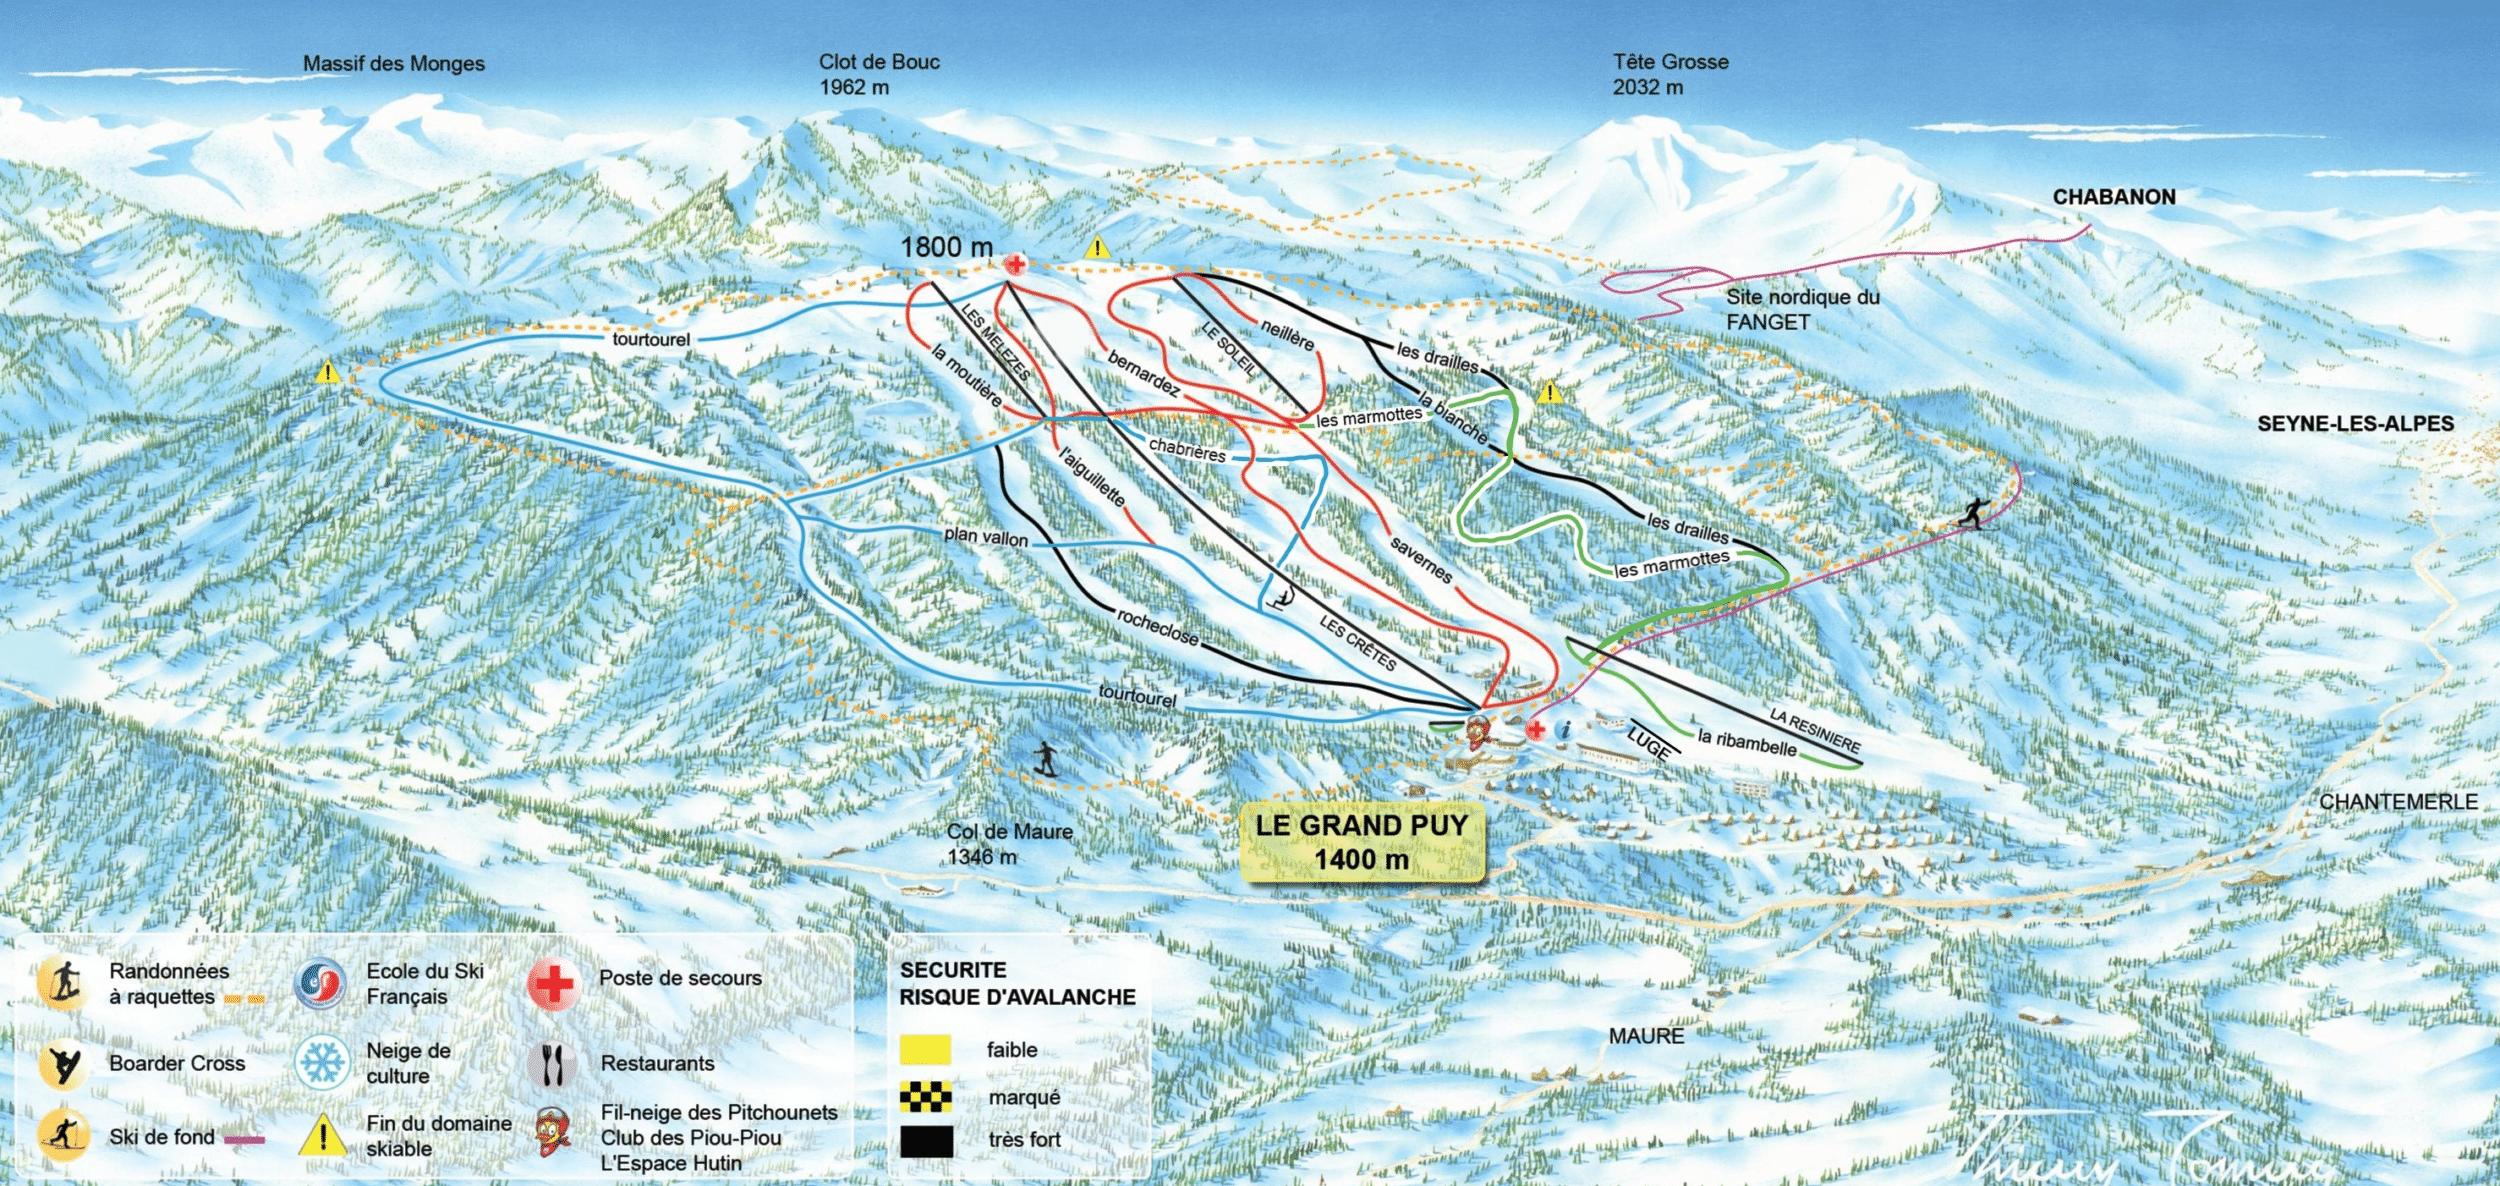 La Grand Puy - Plan des pistes de ski